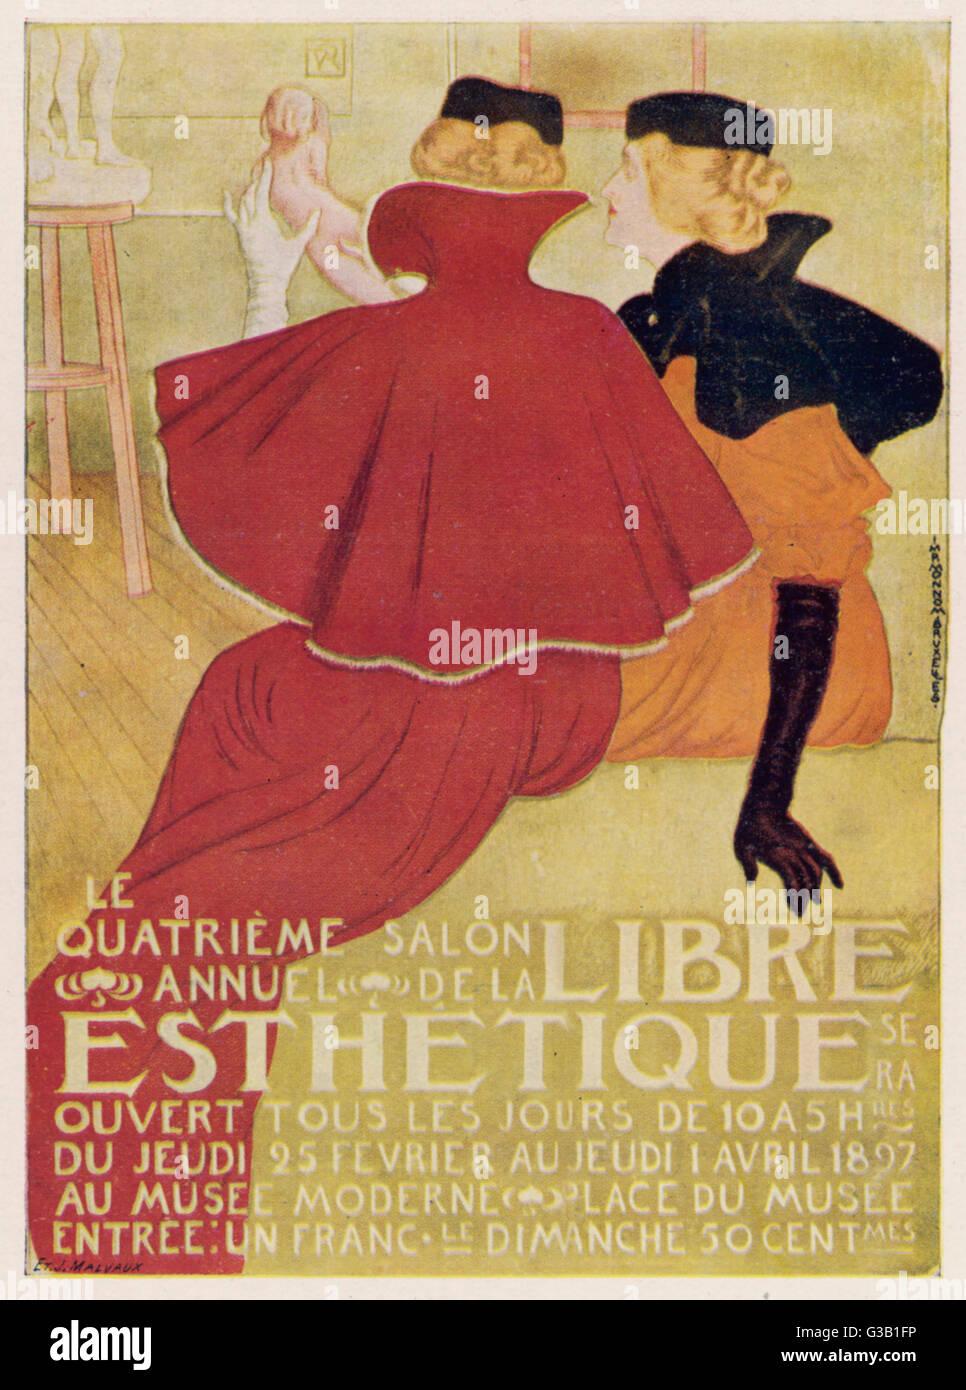 Affiche pour la Libre Esthétique, Bruxelles Date: 1897 Photo Stock